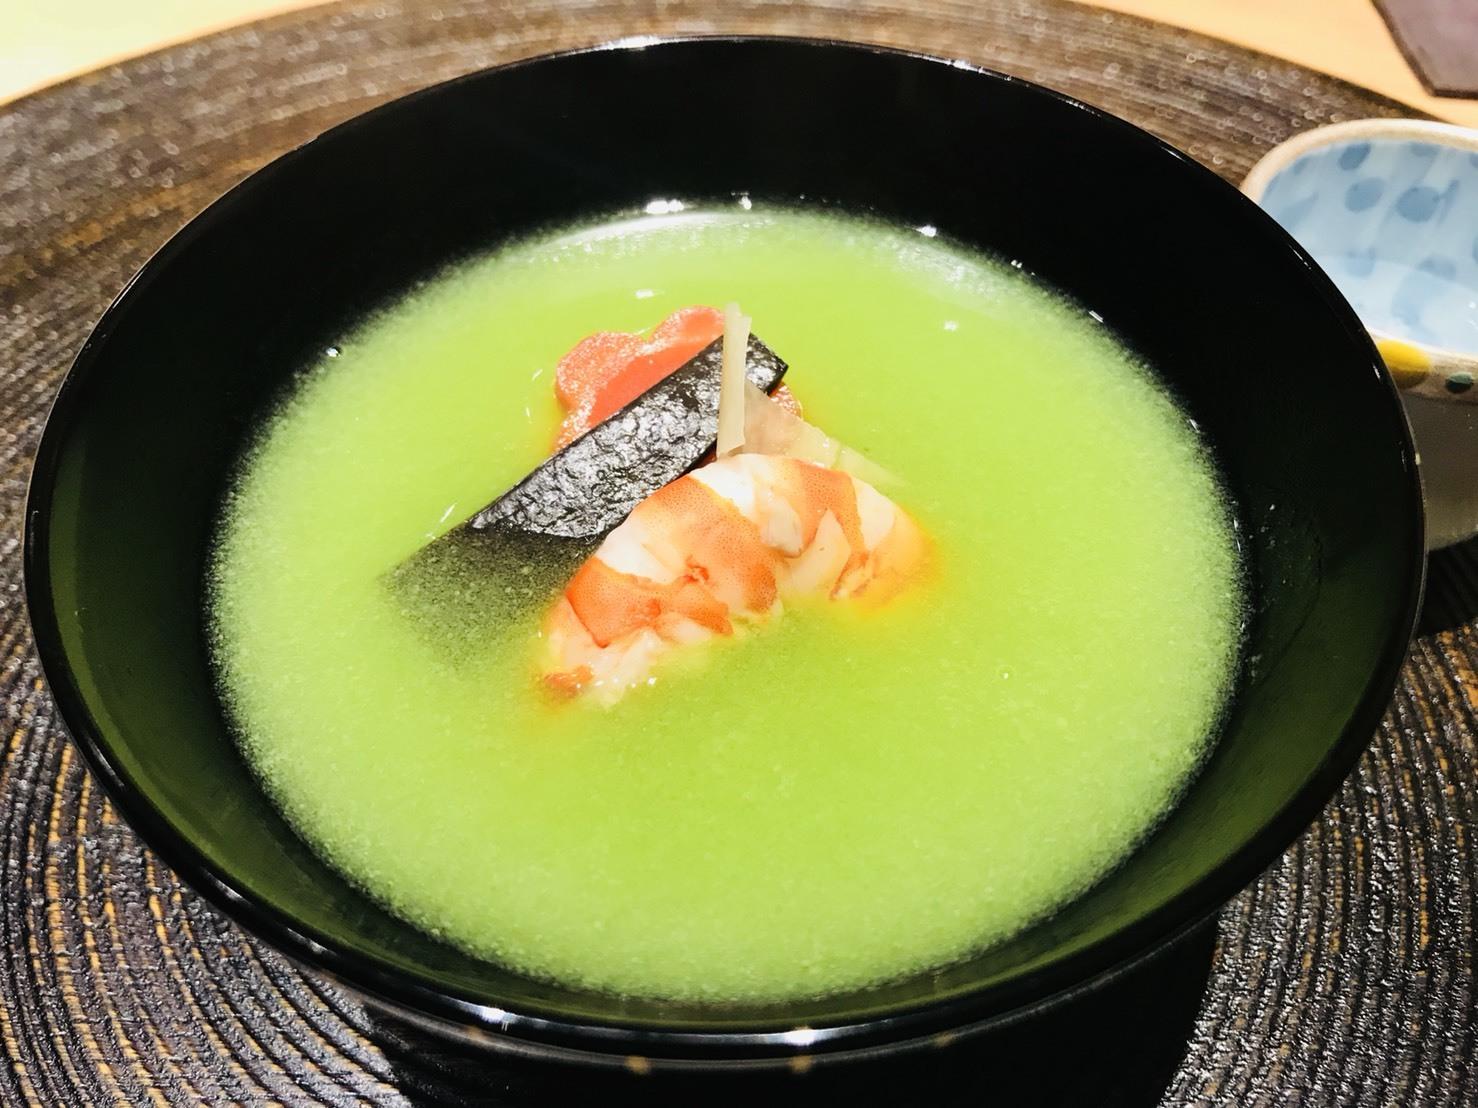 日本料理 和敬 へ_c0196240_13550182.jpeg